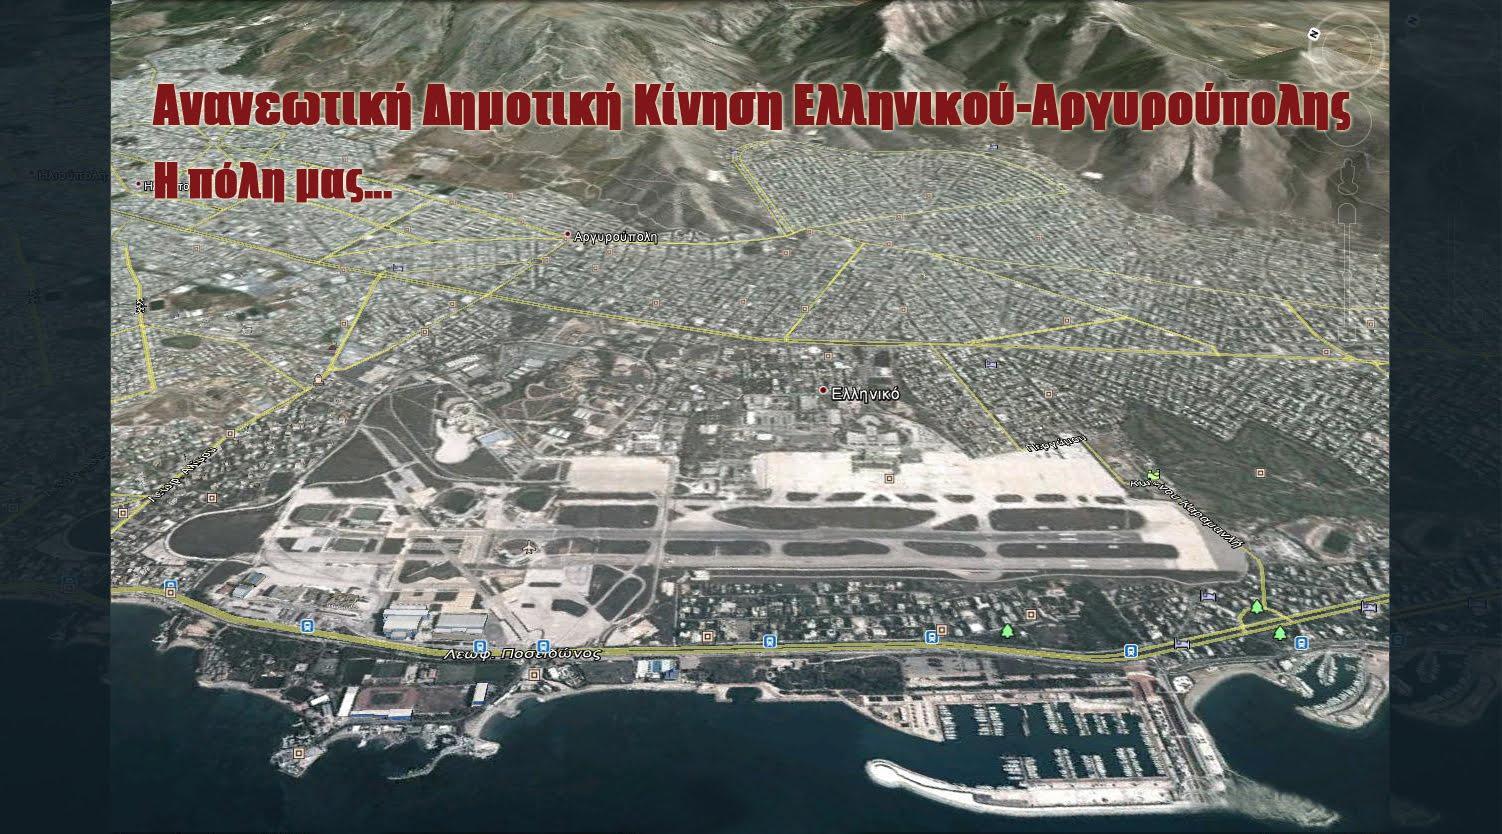 Ανανεωτική  Δημοτική  Κίνηση Ελληνικού - Αργυρούπολης